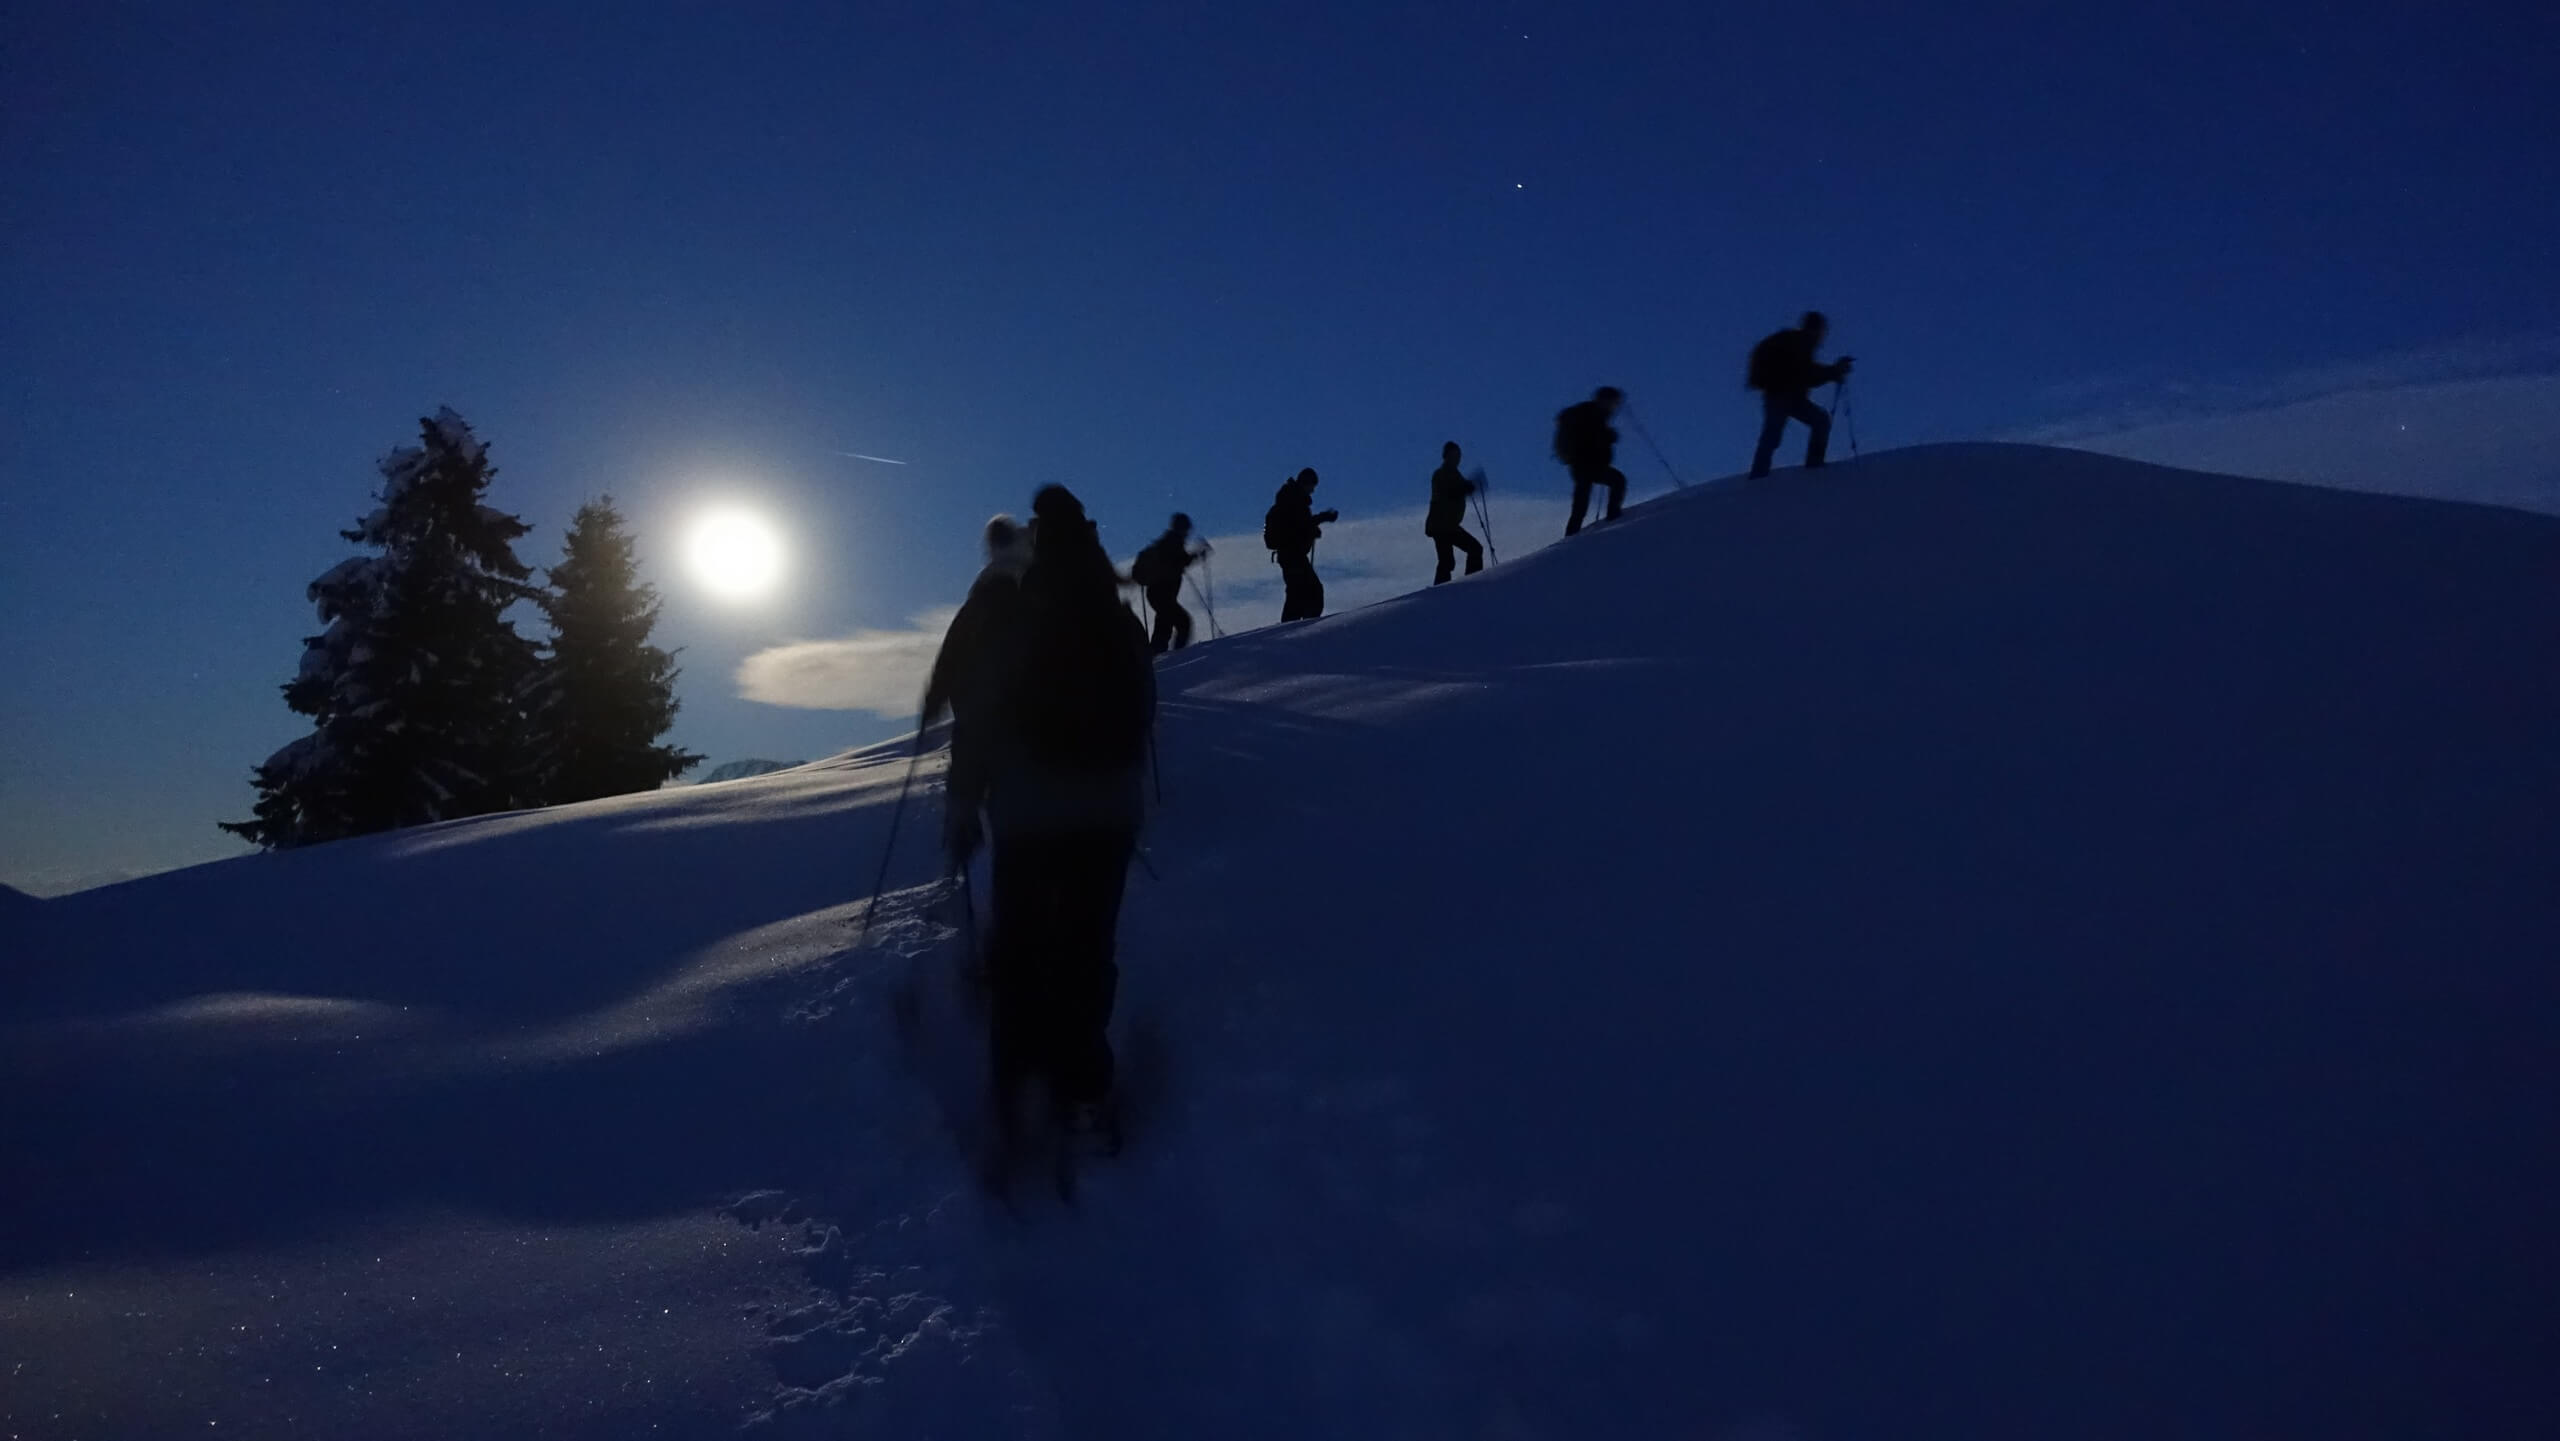 aeschi-vollmond-schneeschuhtour-winter-mond